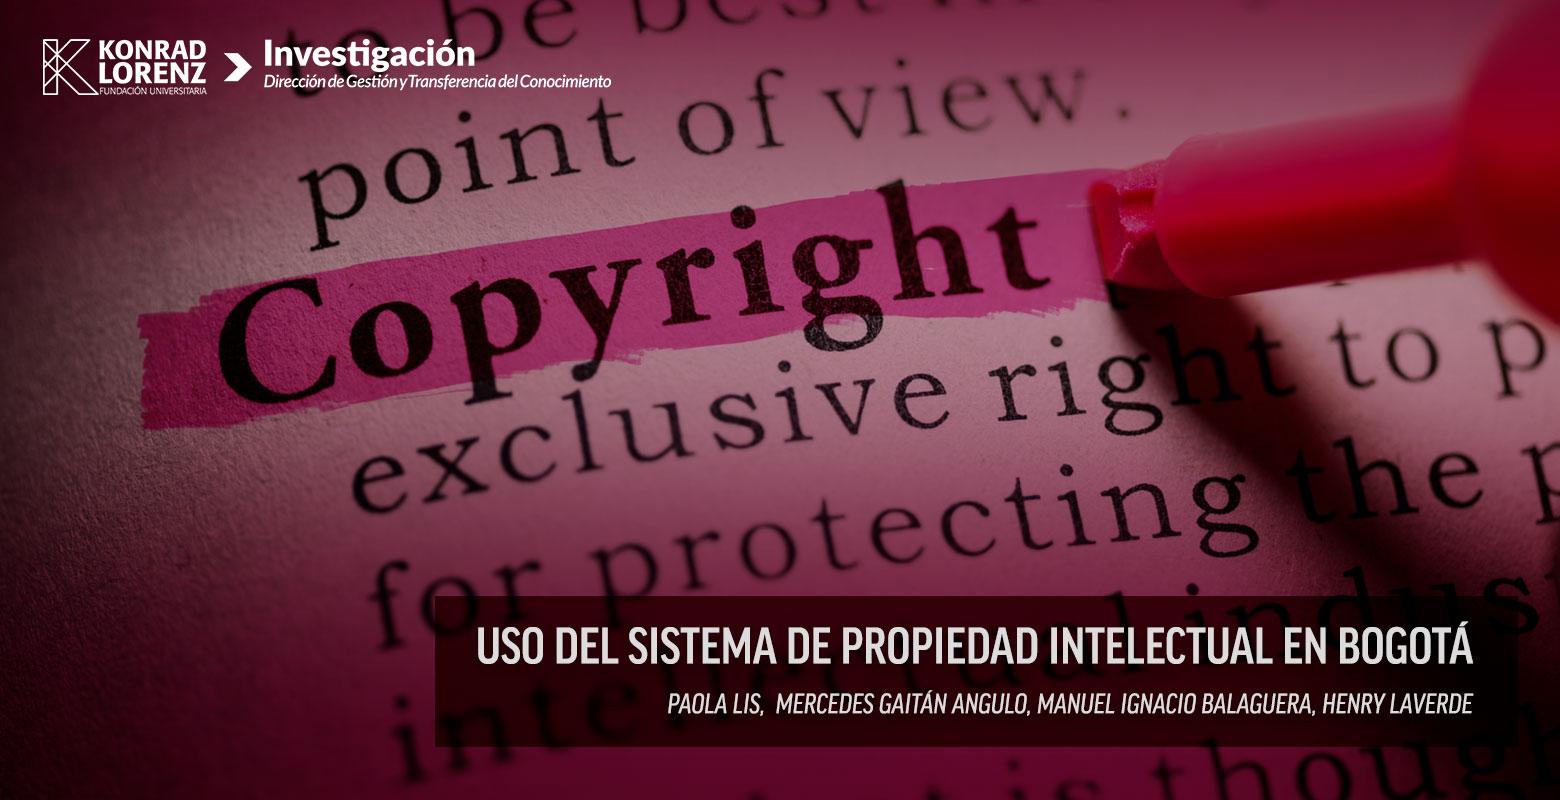 Uso del sistema de propiedad intelectual en Bogotá